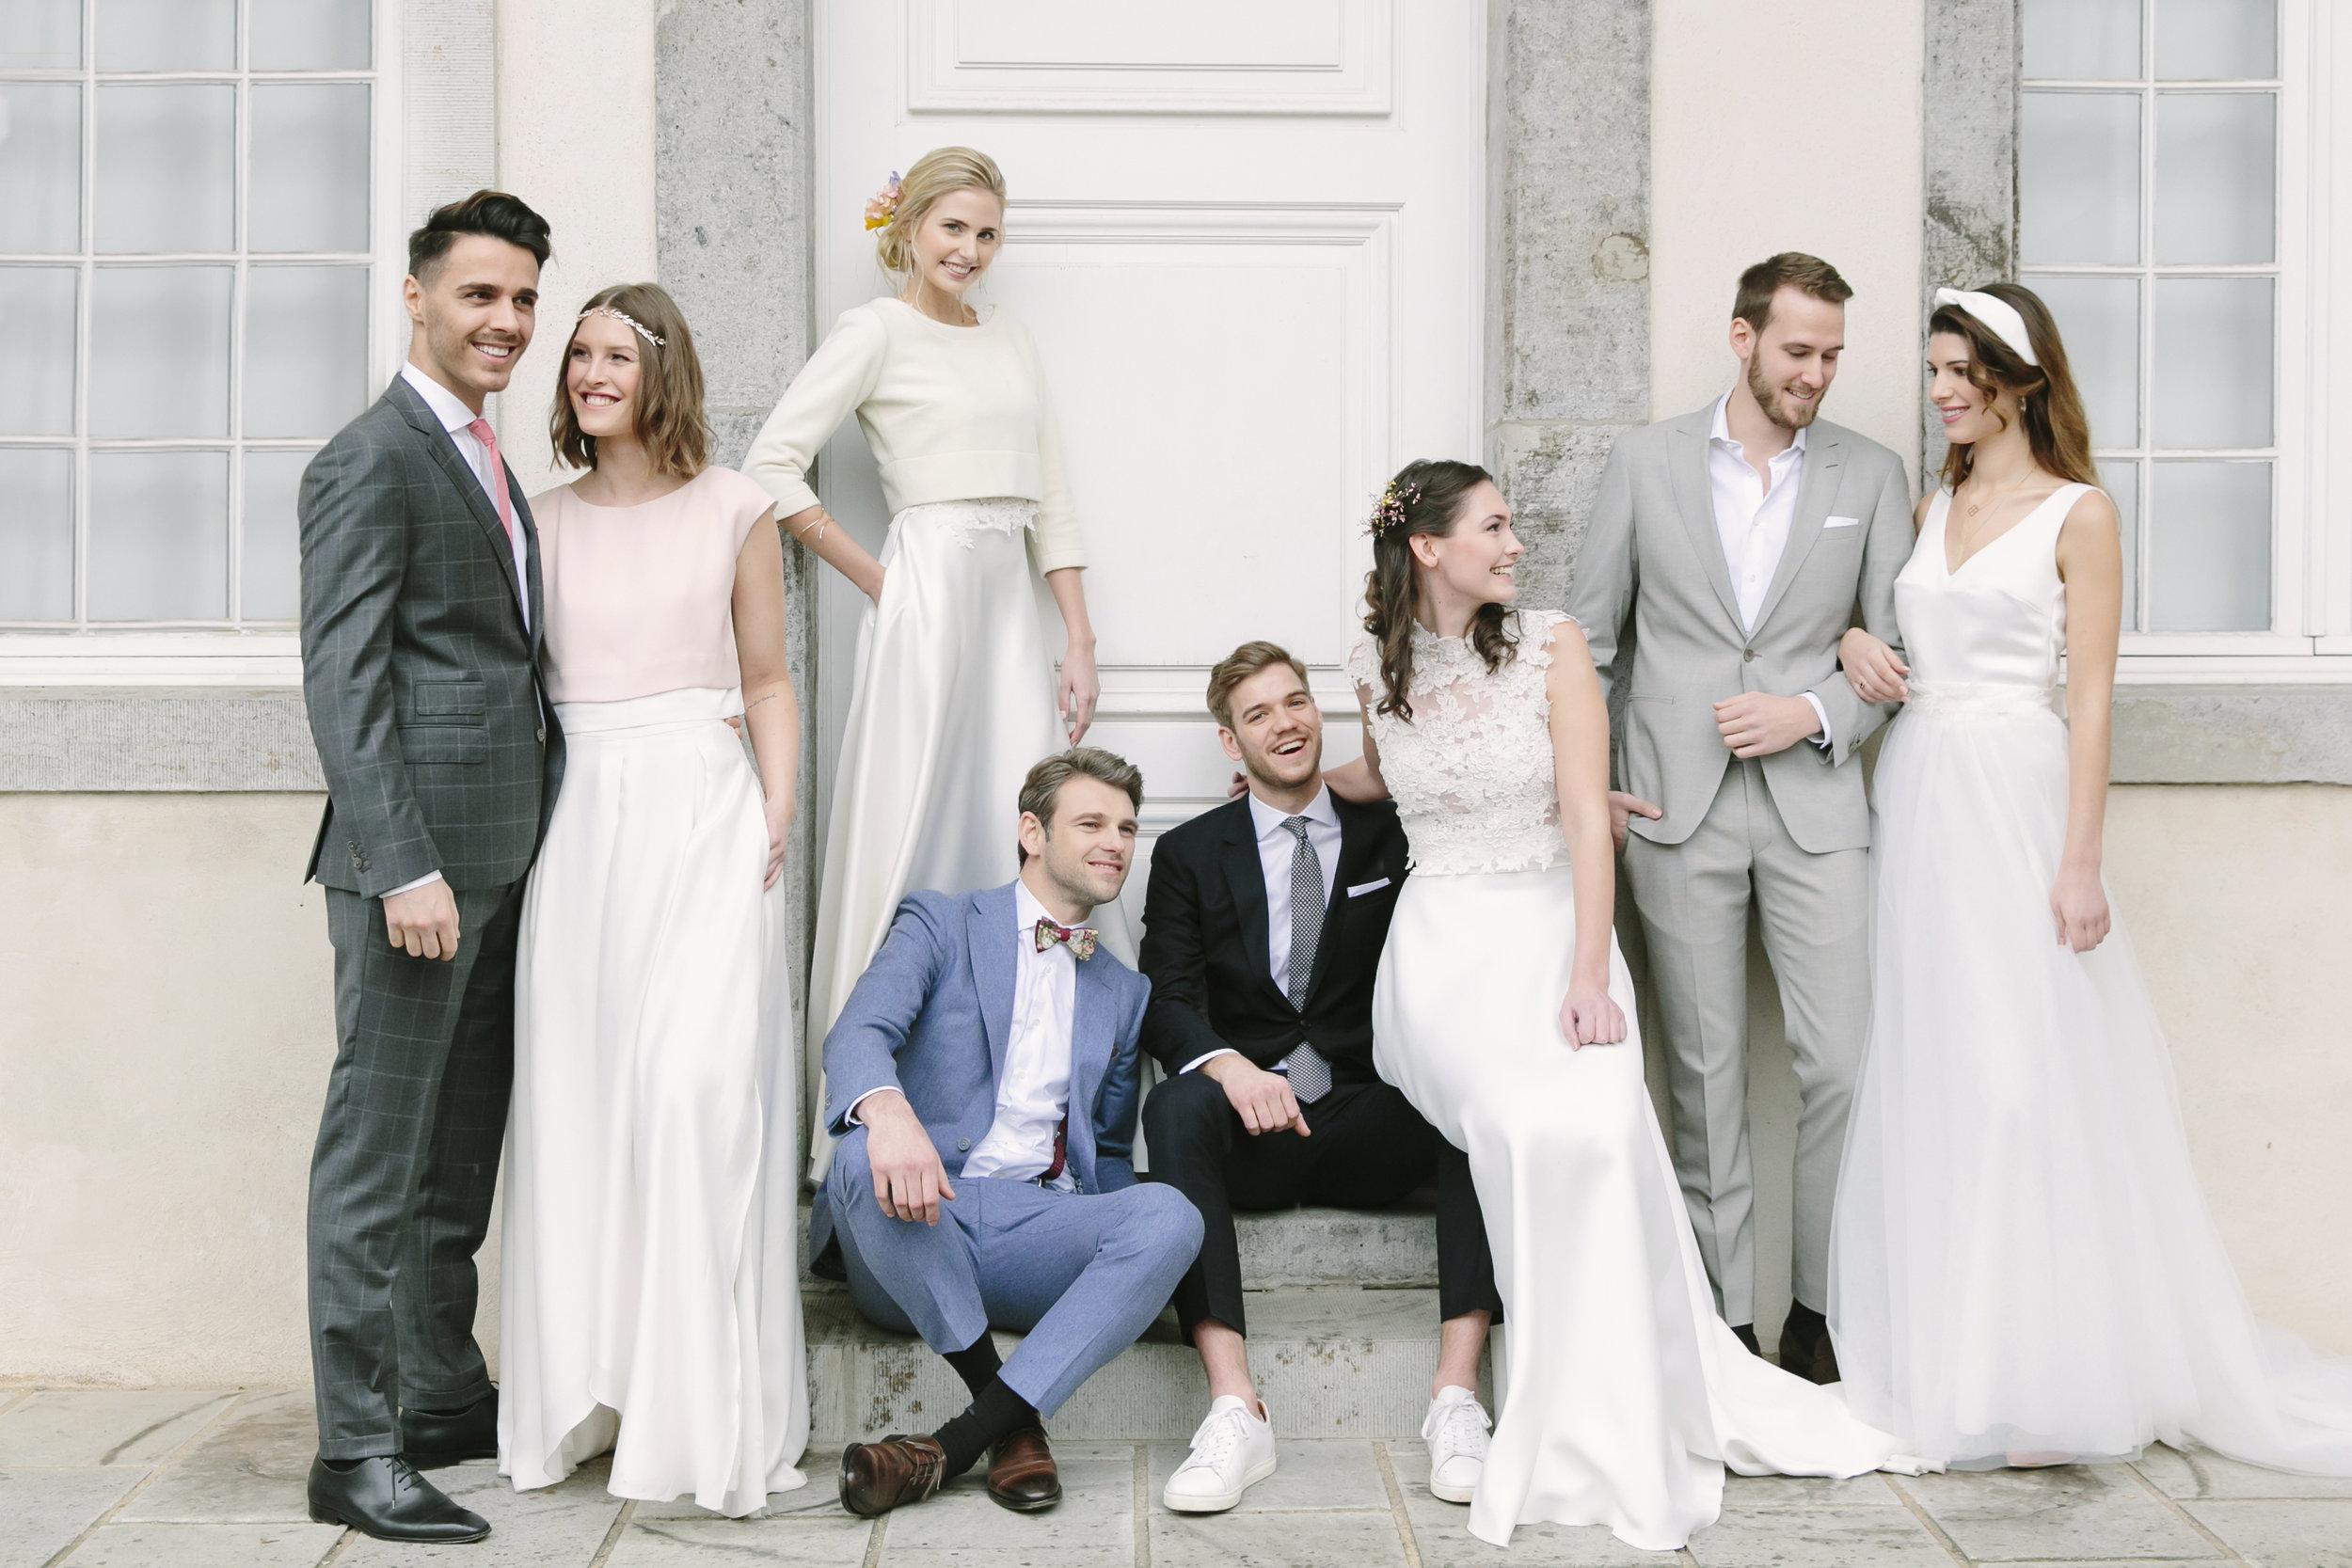 Brautkleider Hochzeitskleider Zweiteiler Isi Lieb.jpg